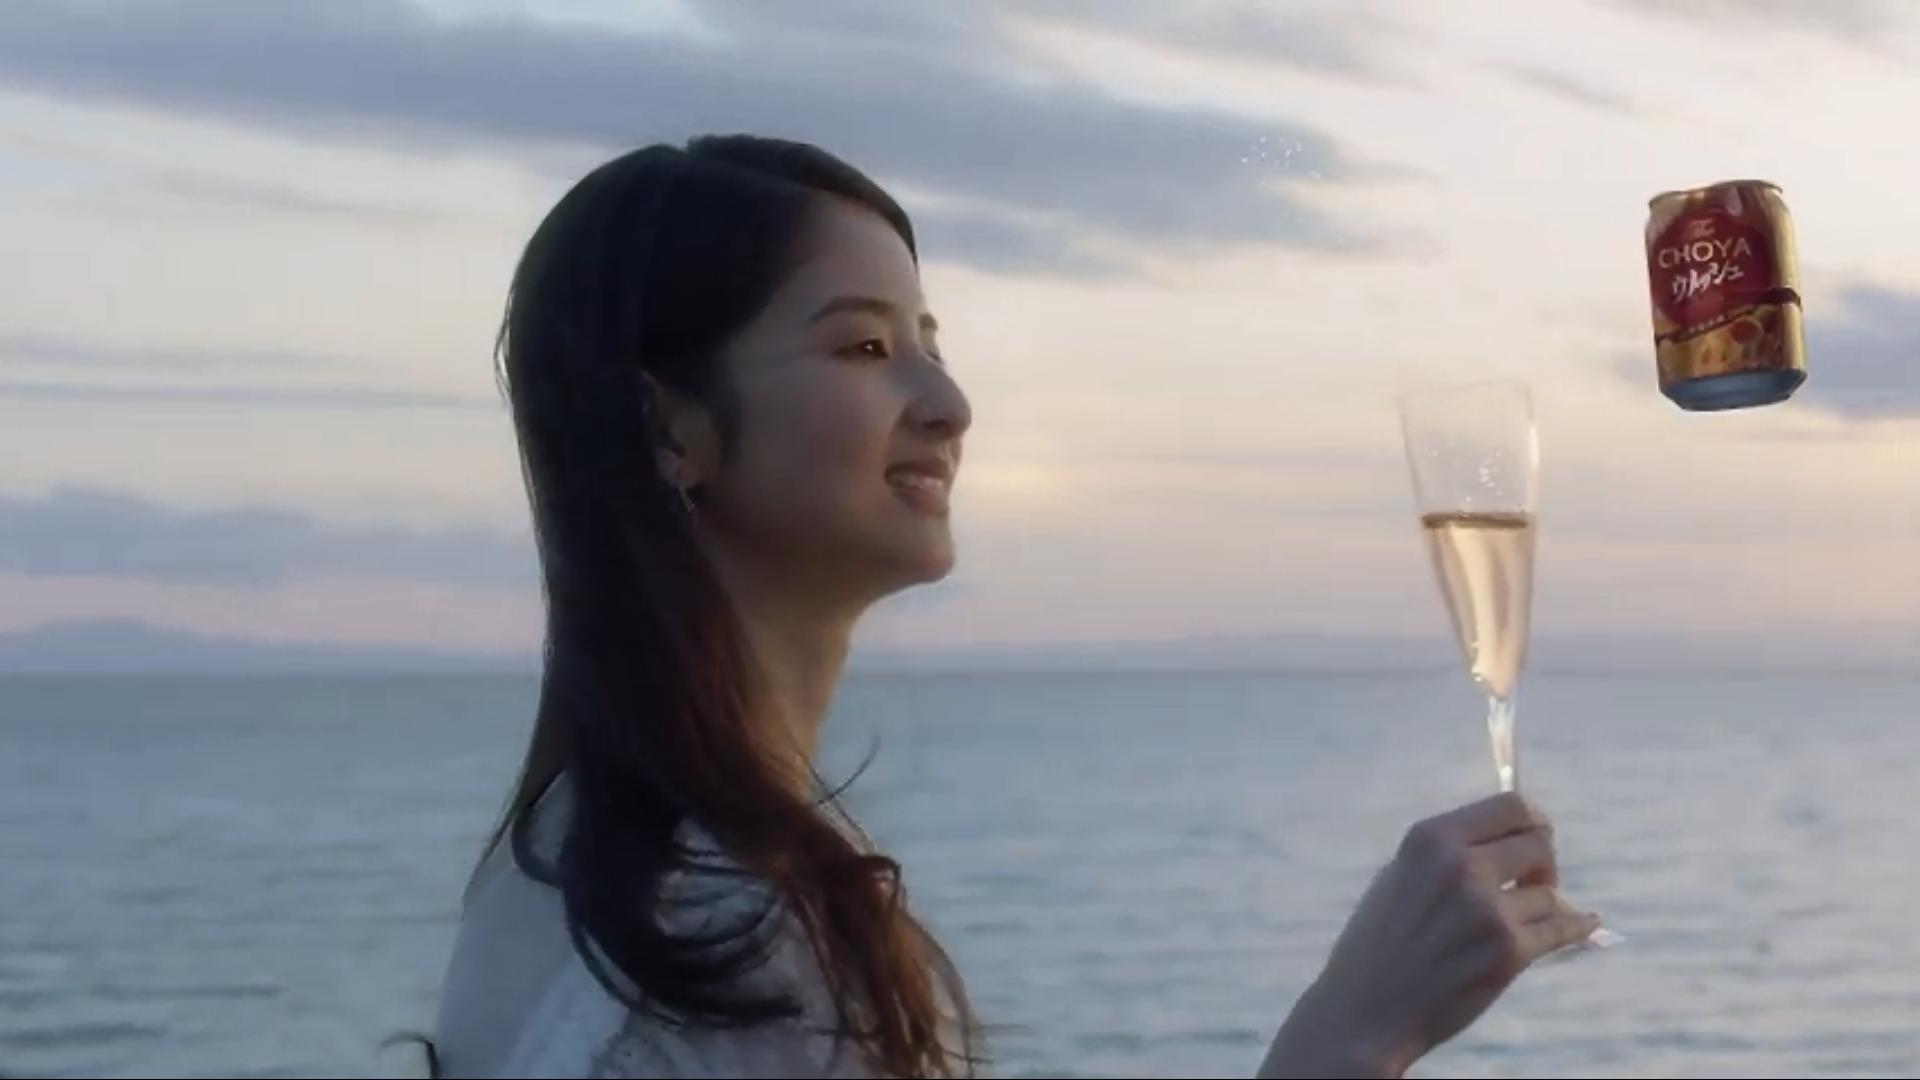 チョーヤ梅酒2019CMの美人女優モデルは誰?海辺の場所はどこ?如月さえの美女画像やwiki経歴!